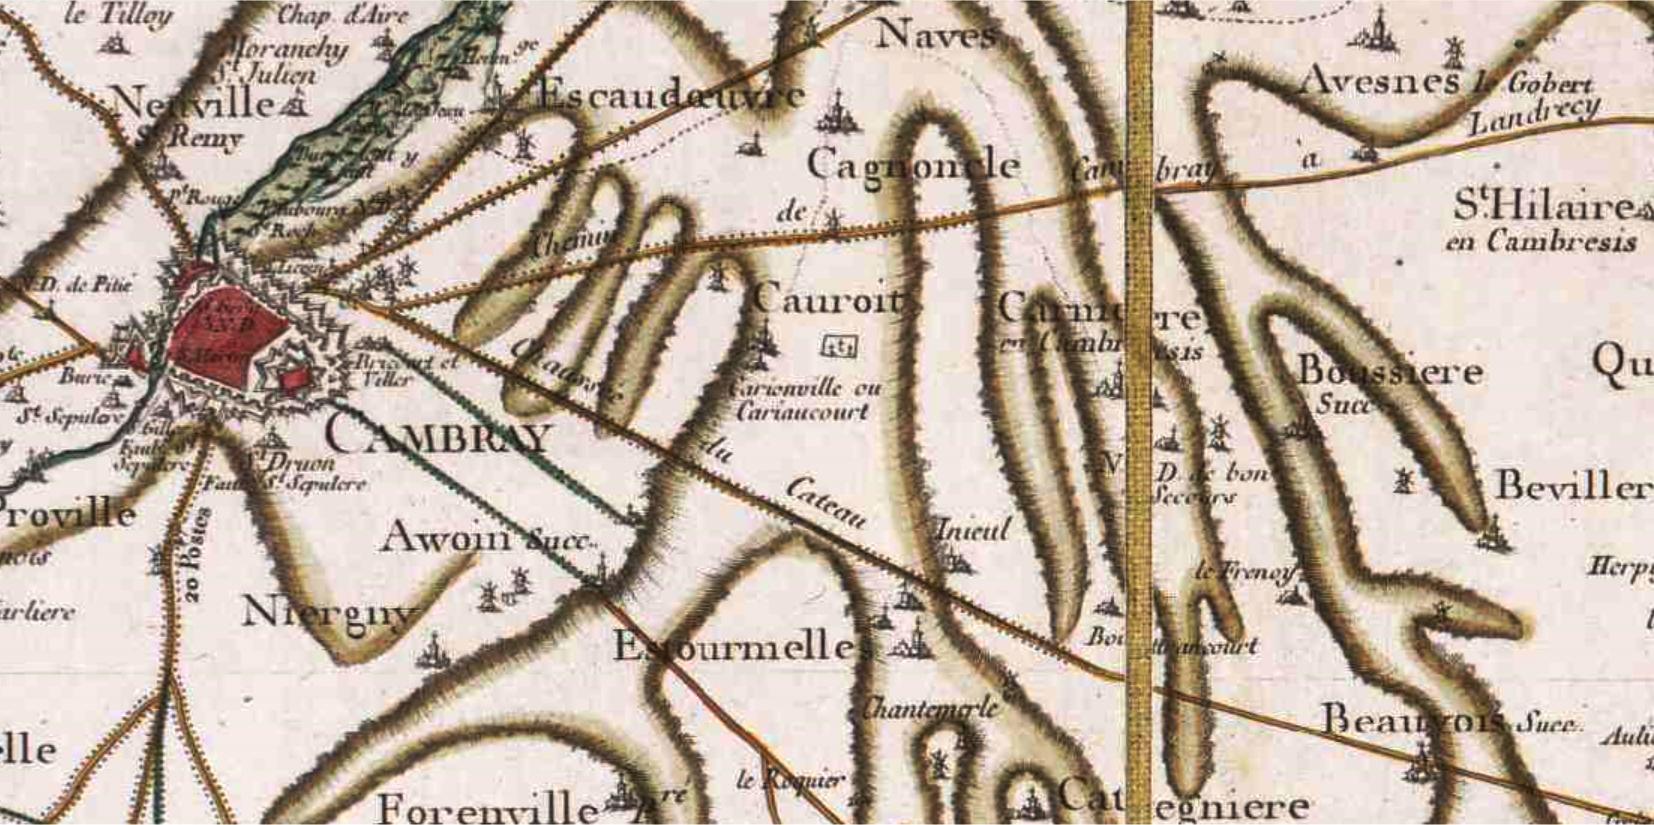 Cauroir 59 cassini